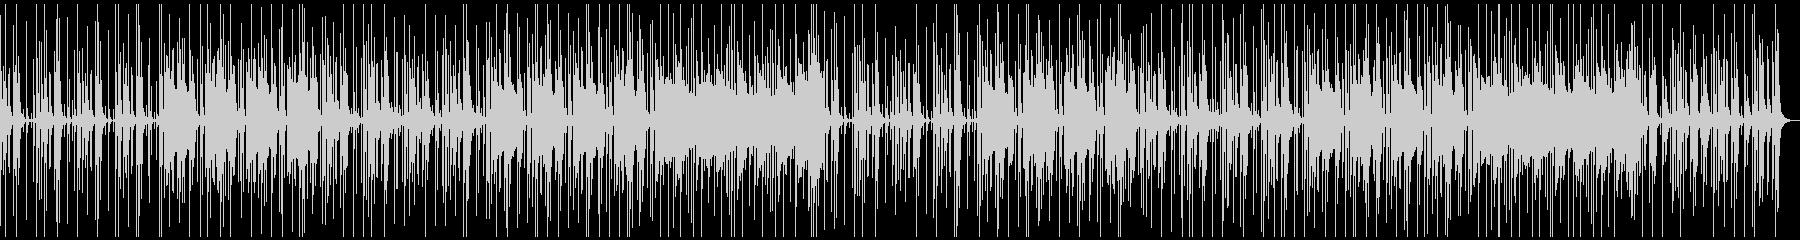 ほのぼの・軽快なBGMの未再生の波形